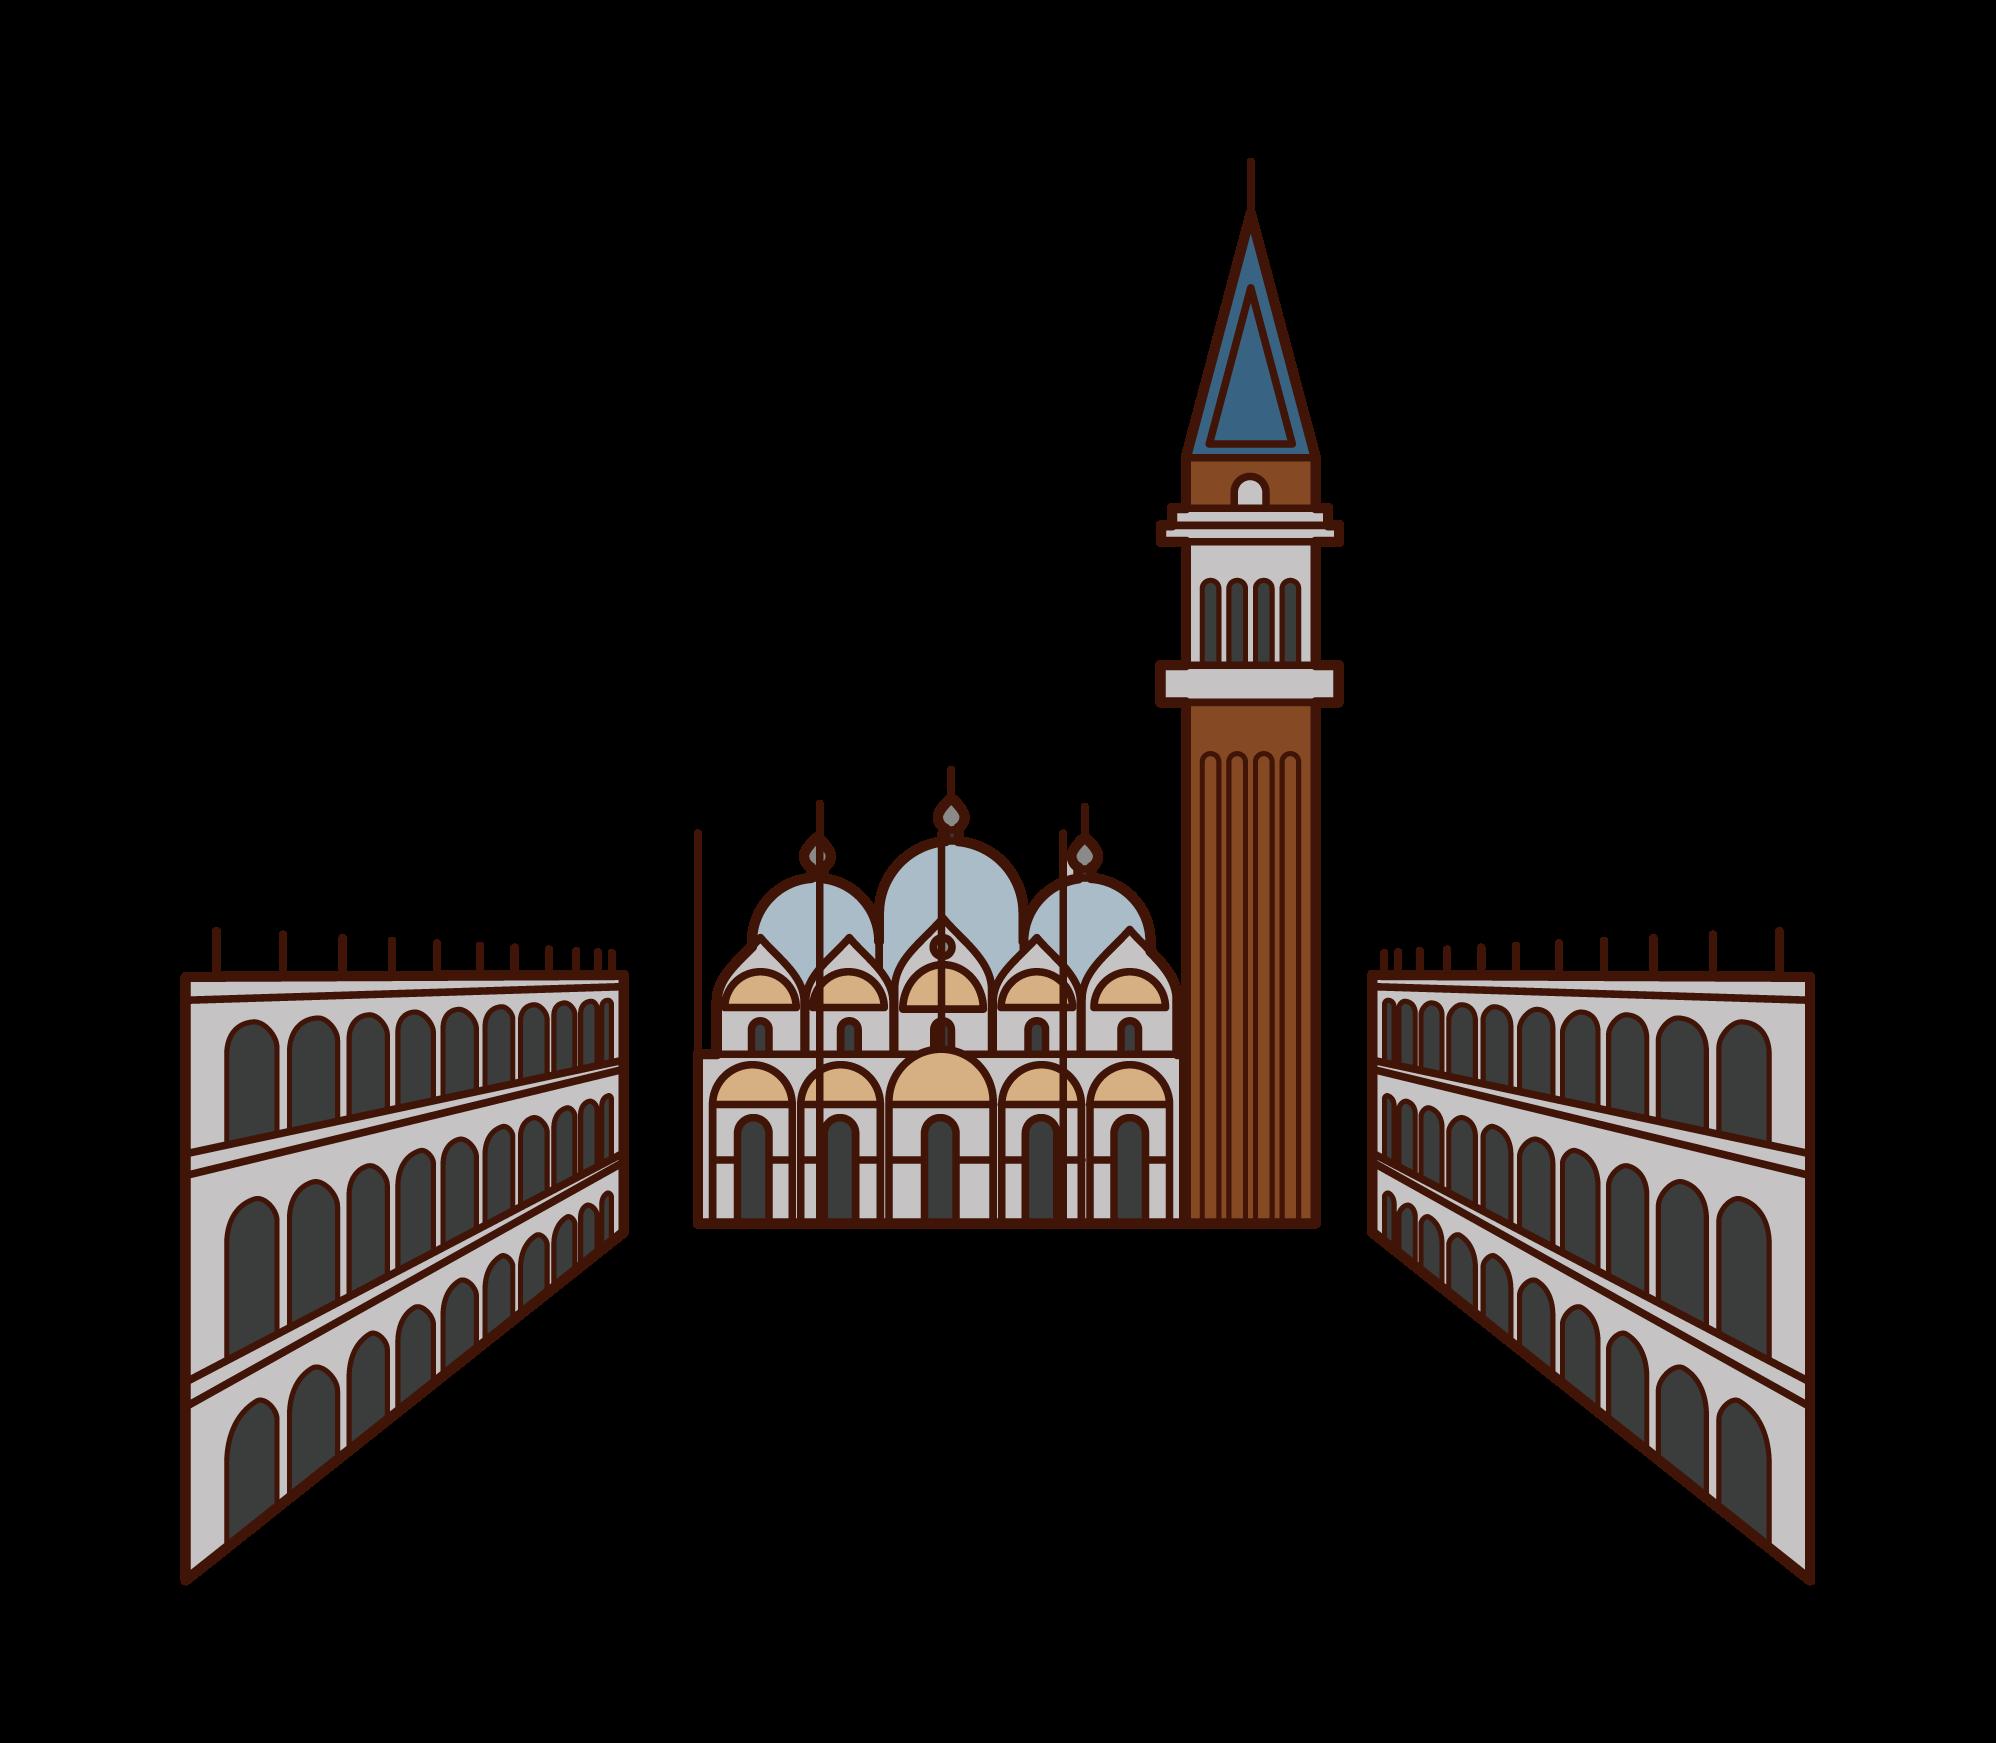 サン・マルコ広場のイラスト